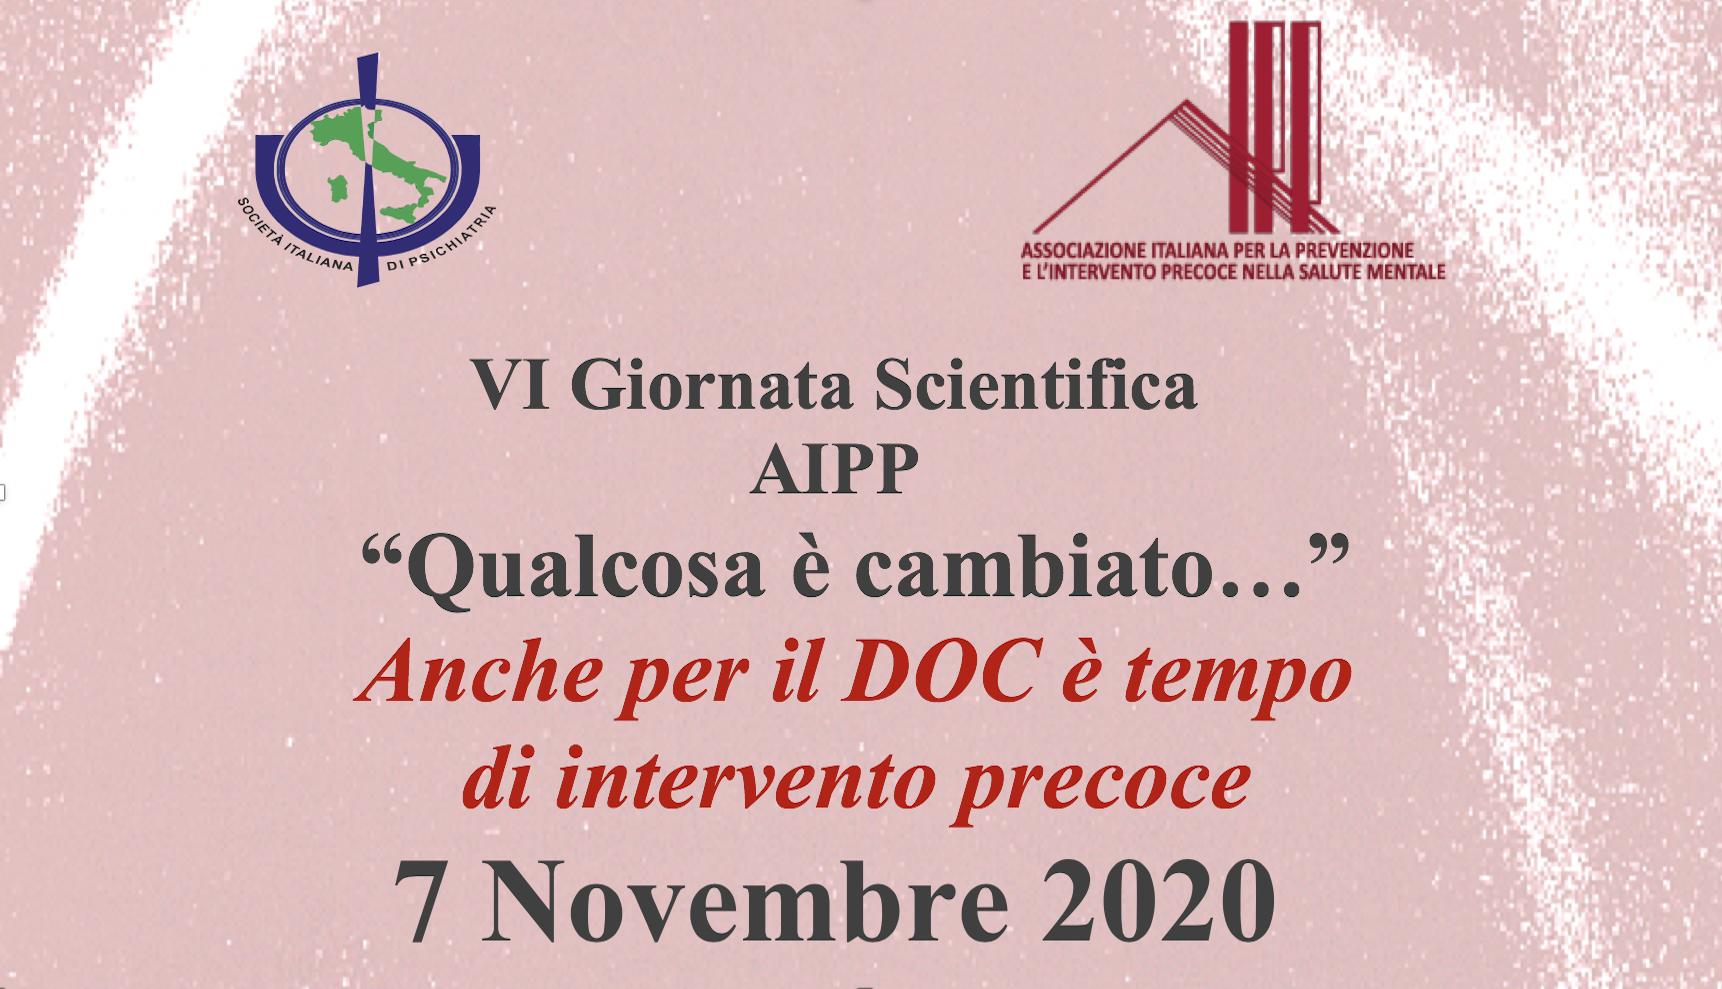 VI Giornata Scientifica AIPP